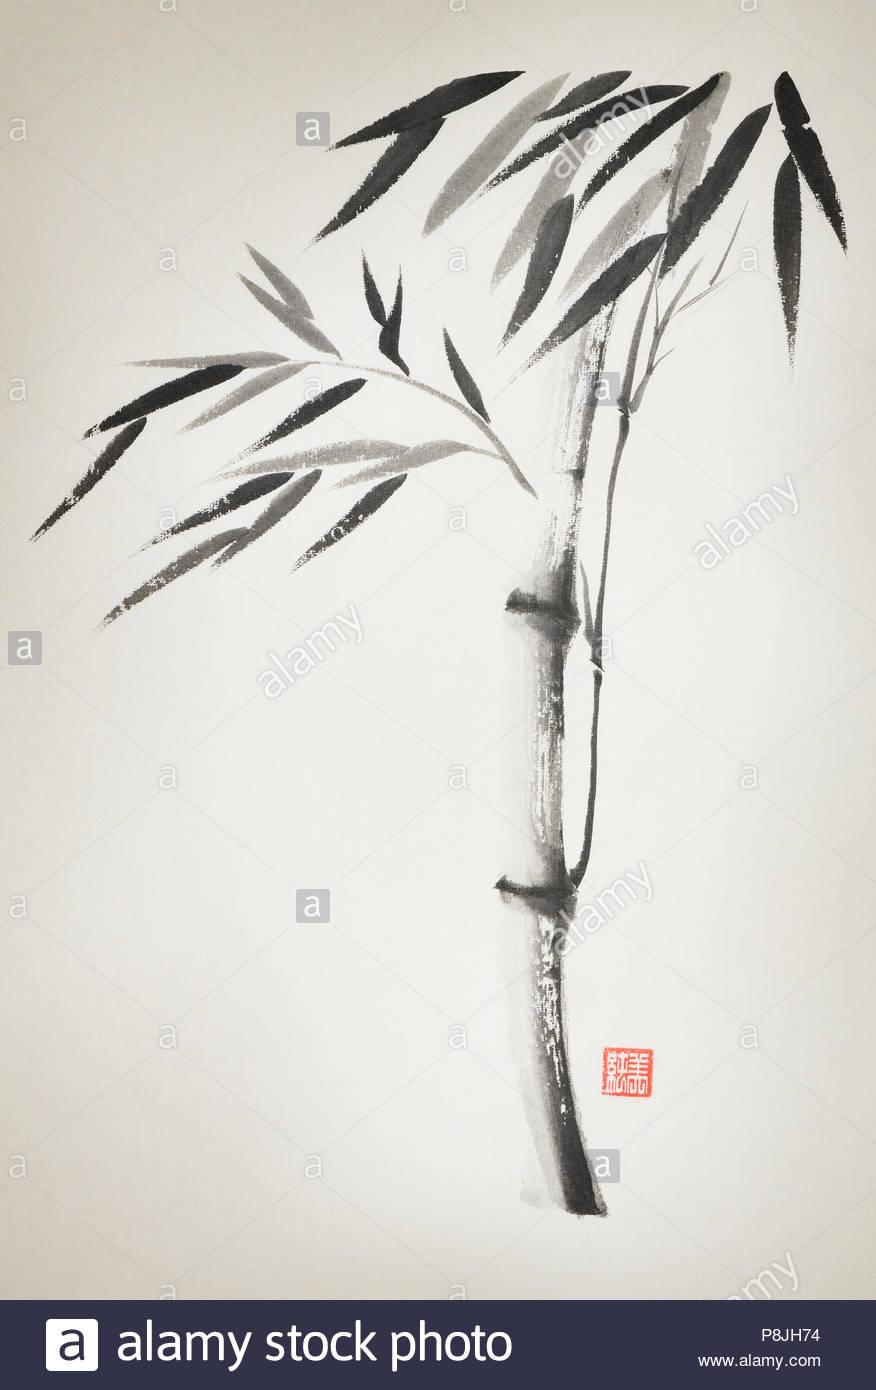 Bambus Stiel Mit Blattern Kunstlerische Orientalischen Stil